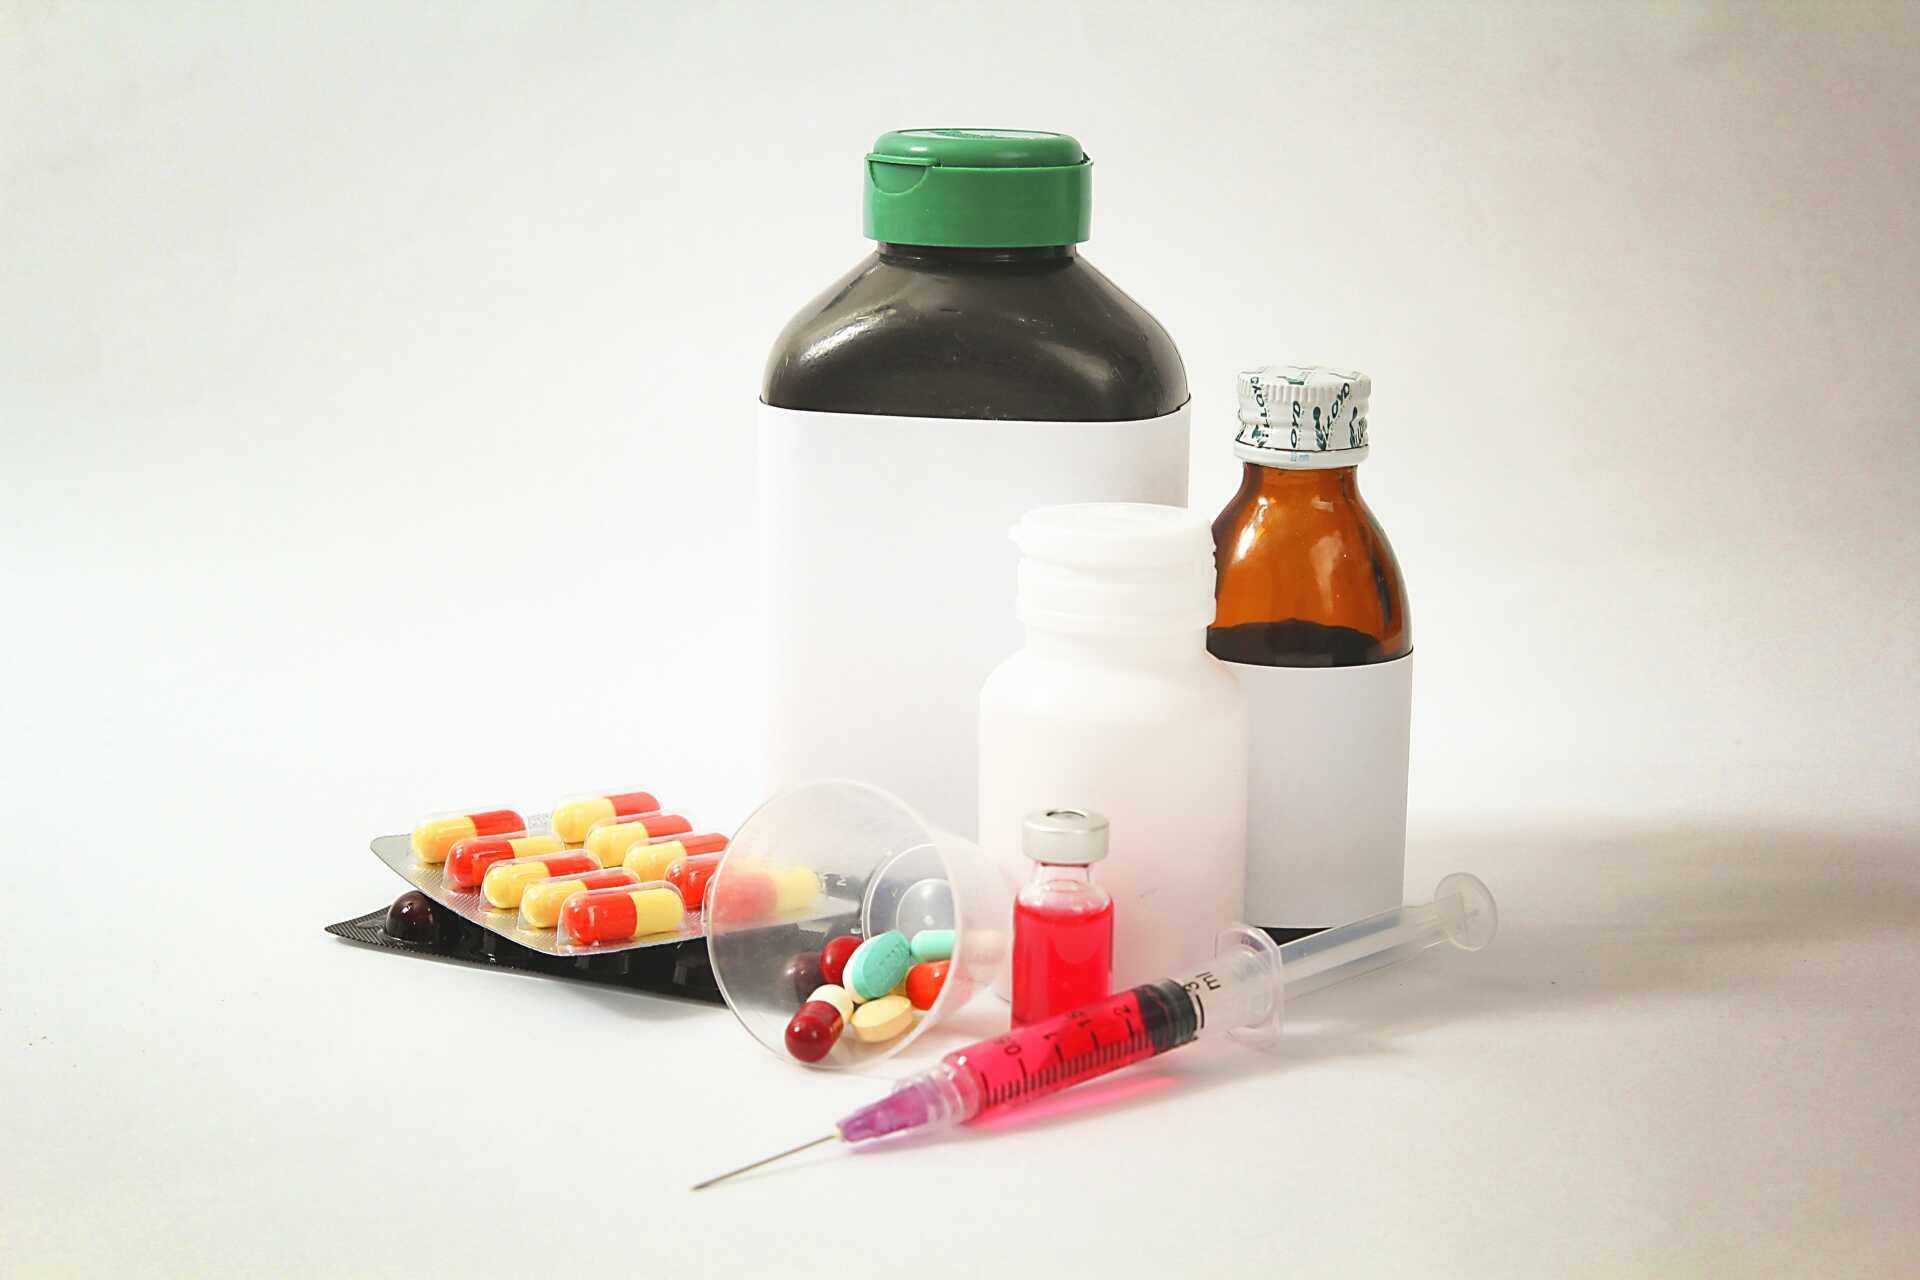 製薬業界はコロナ後どうなる?-就活生が知りたい業界情報も紹介-